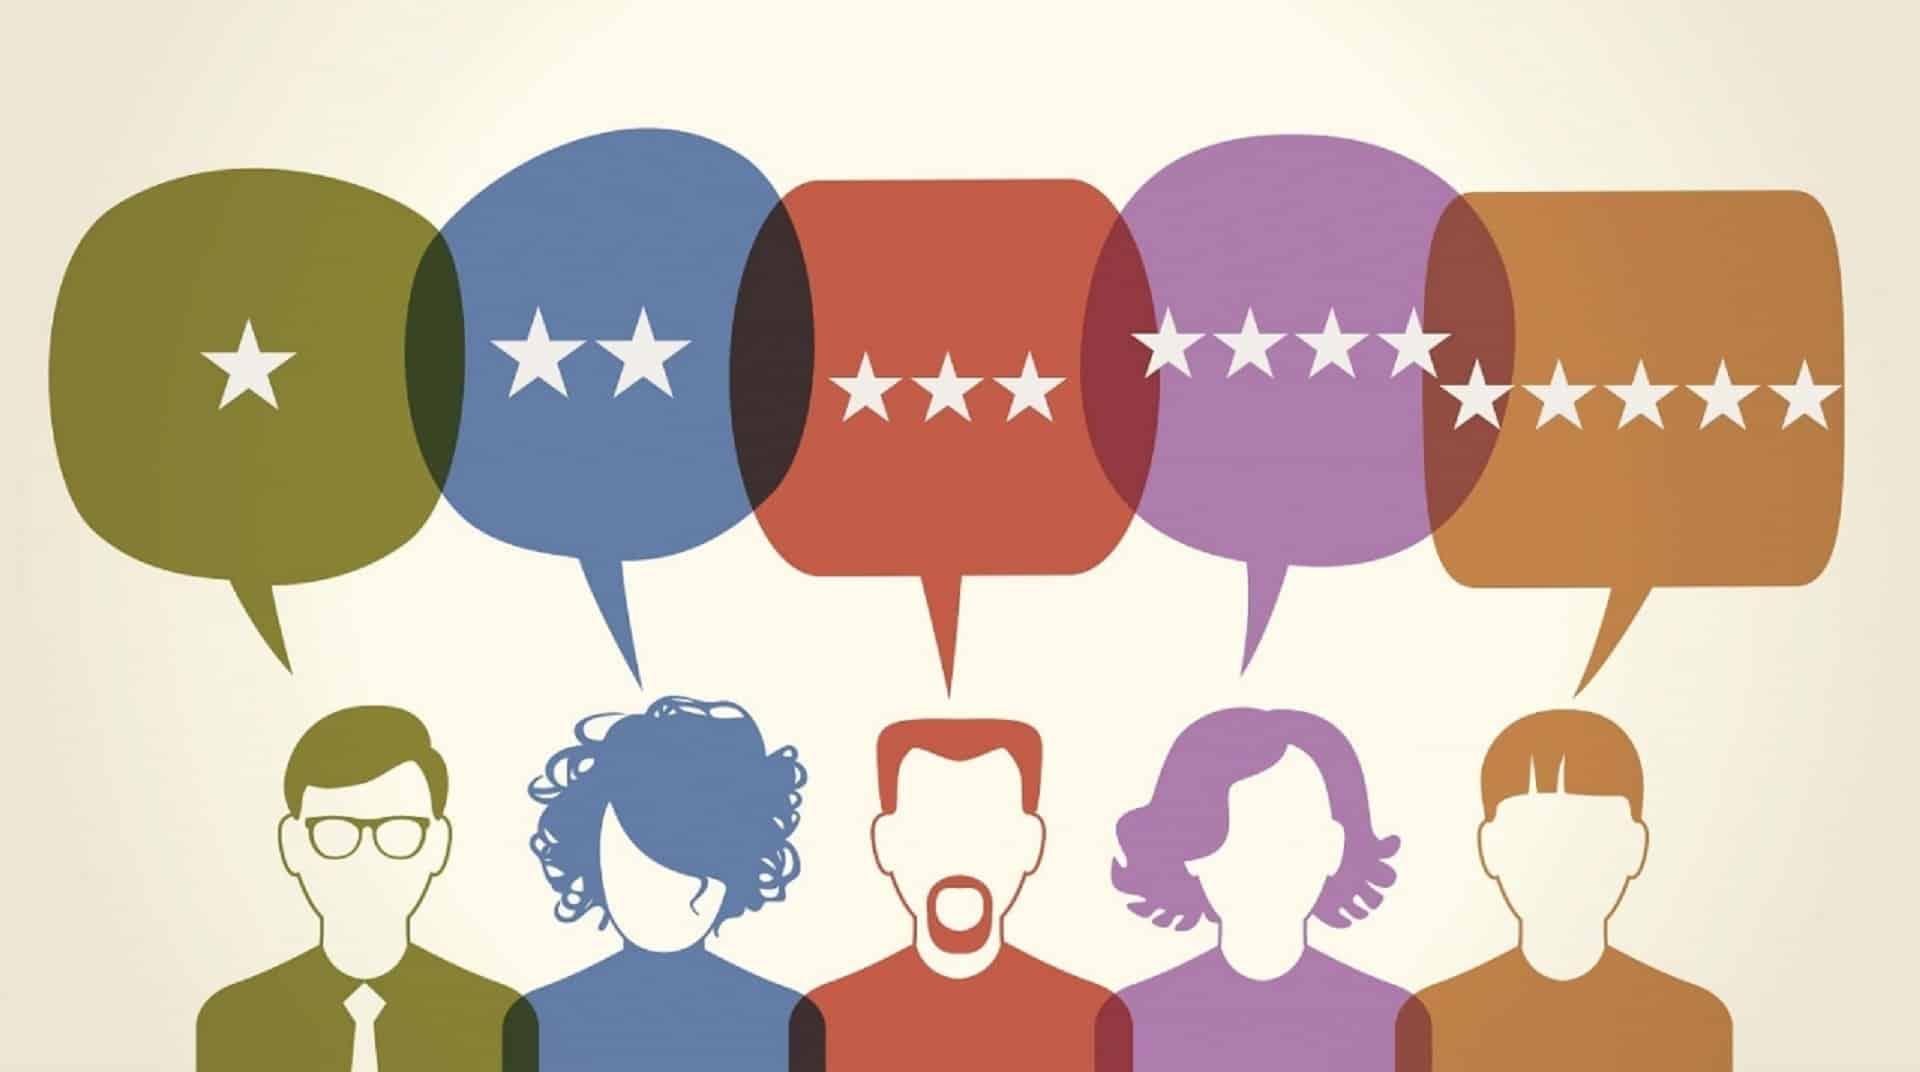 đánh giá của khách hàng